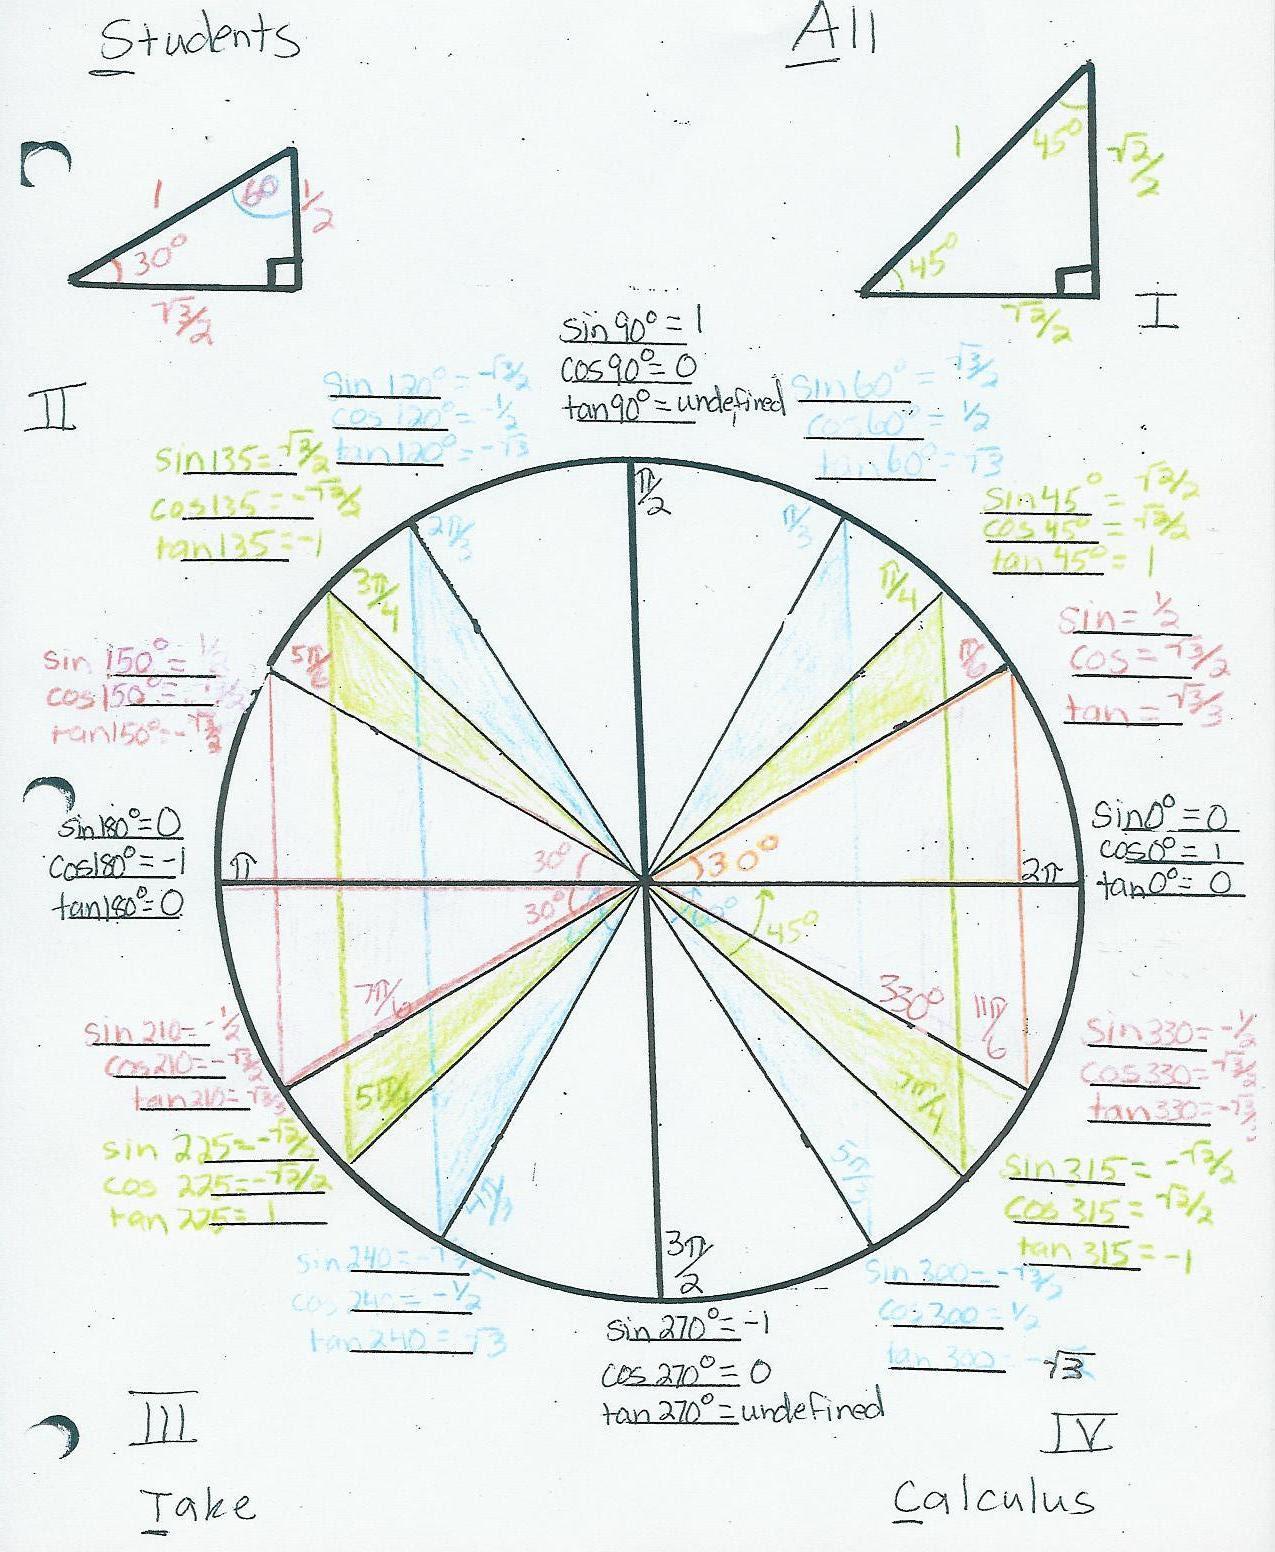 Pre-Calculus - Ms. Ferrara